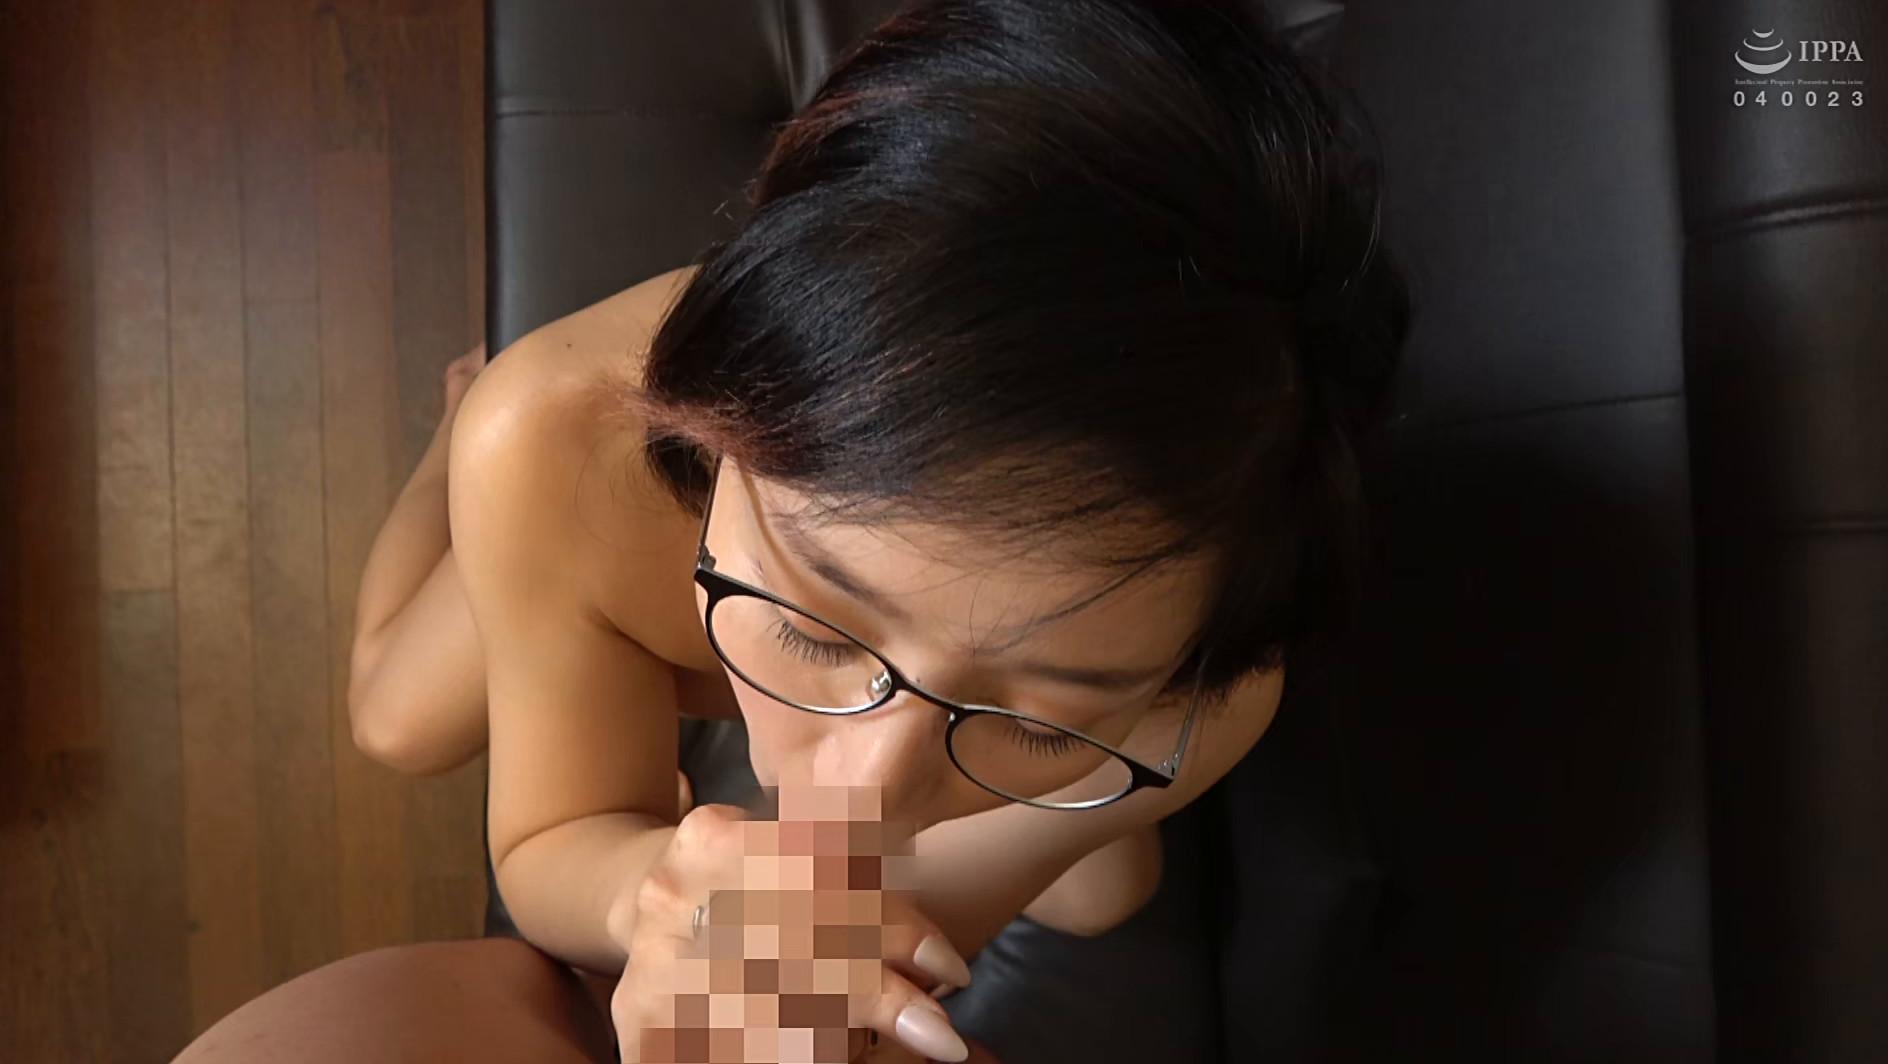 韓国で見つけた見た目から従順そうな彼女は、どこまでヤラれても無垢な希少種!服を脱がされても信じて疑わない!電マでトロンとさせればチ〇ポもしゃぶる! 画像18